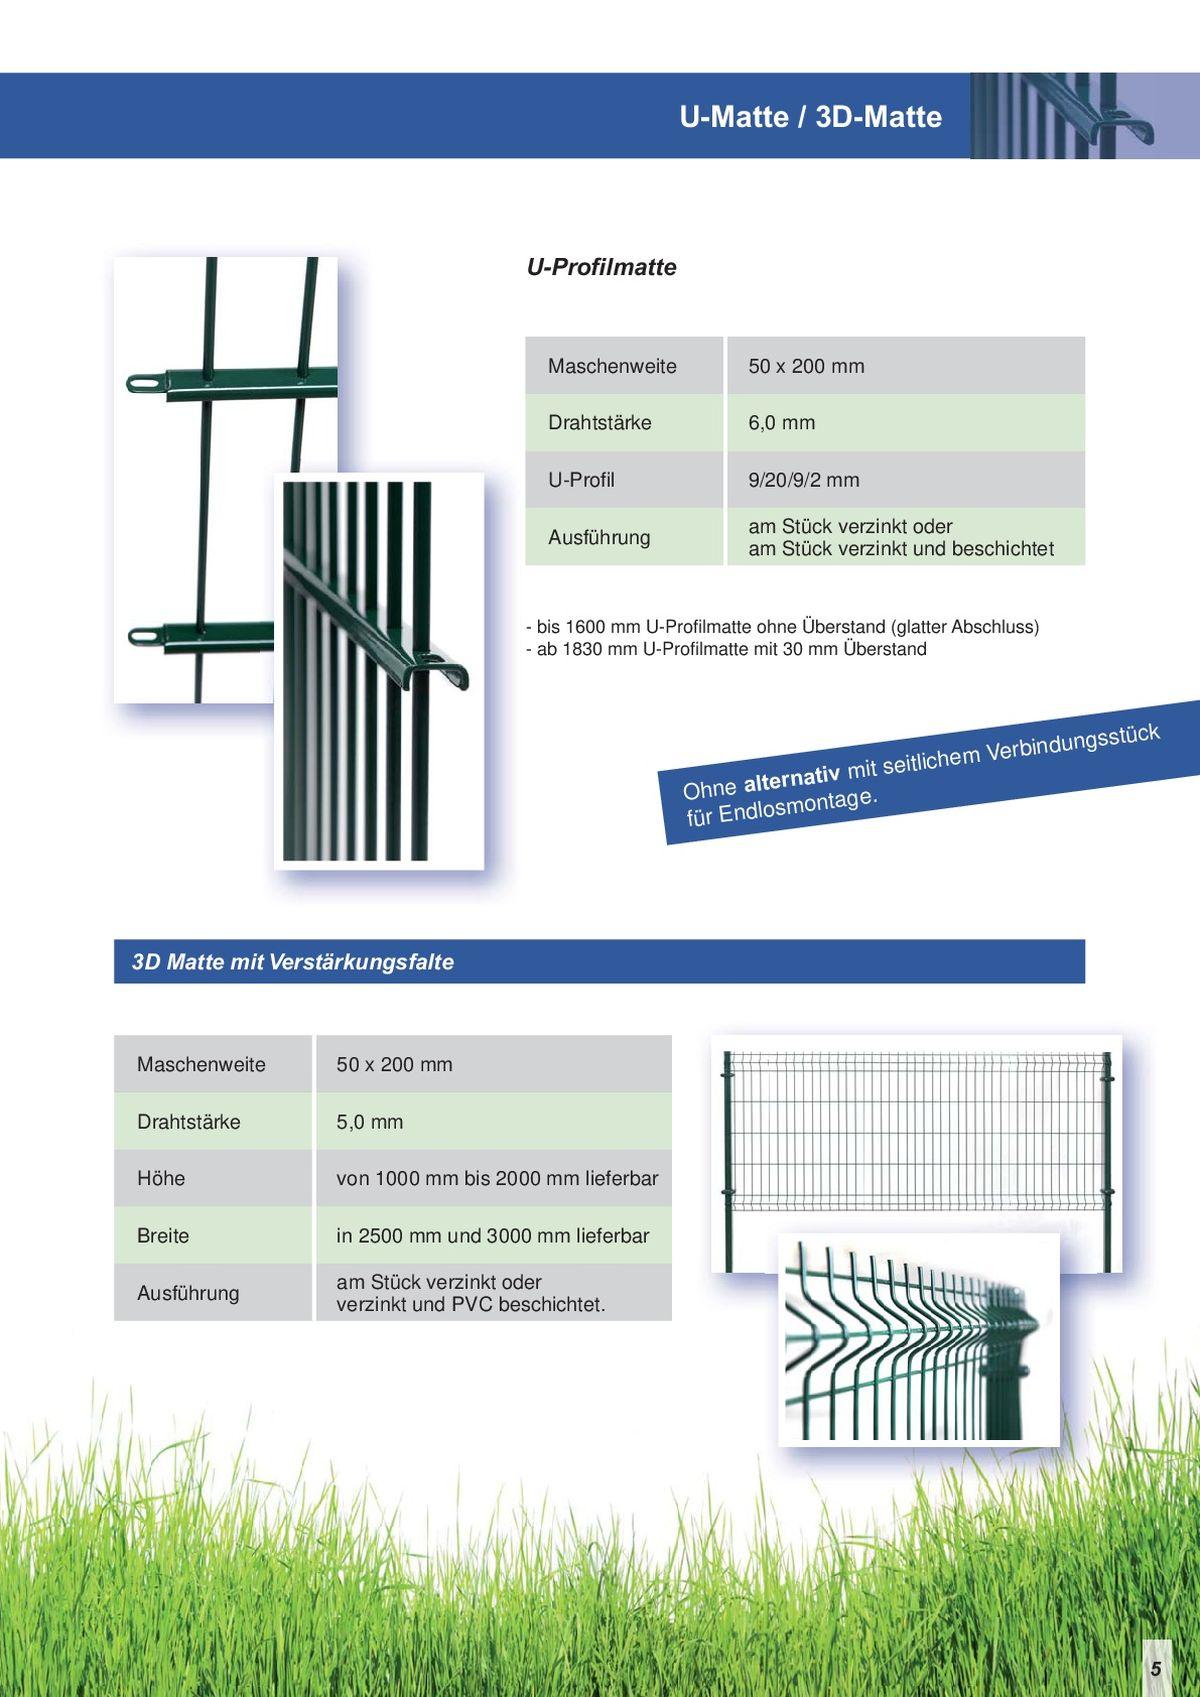 Charmant Pflugdiagramm Bilder - Der Schaltplan - greigo.com